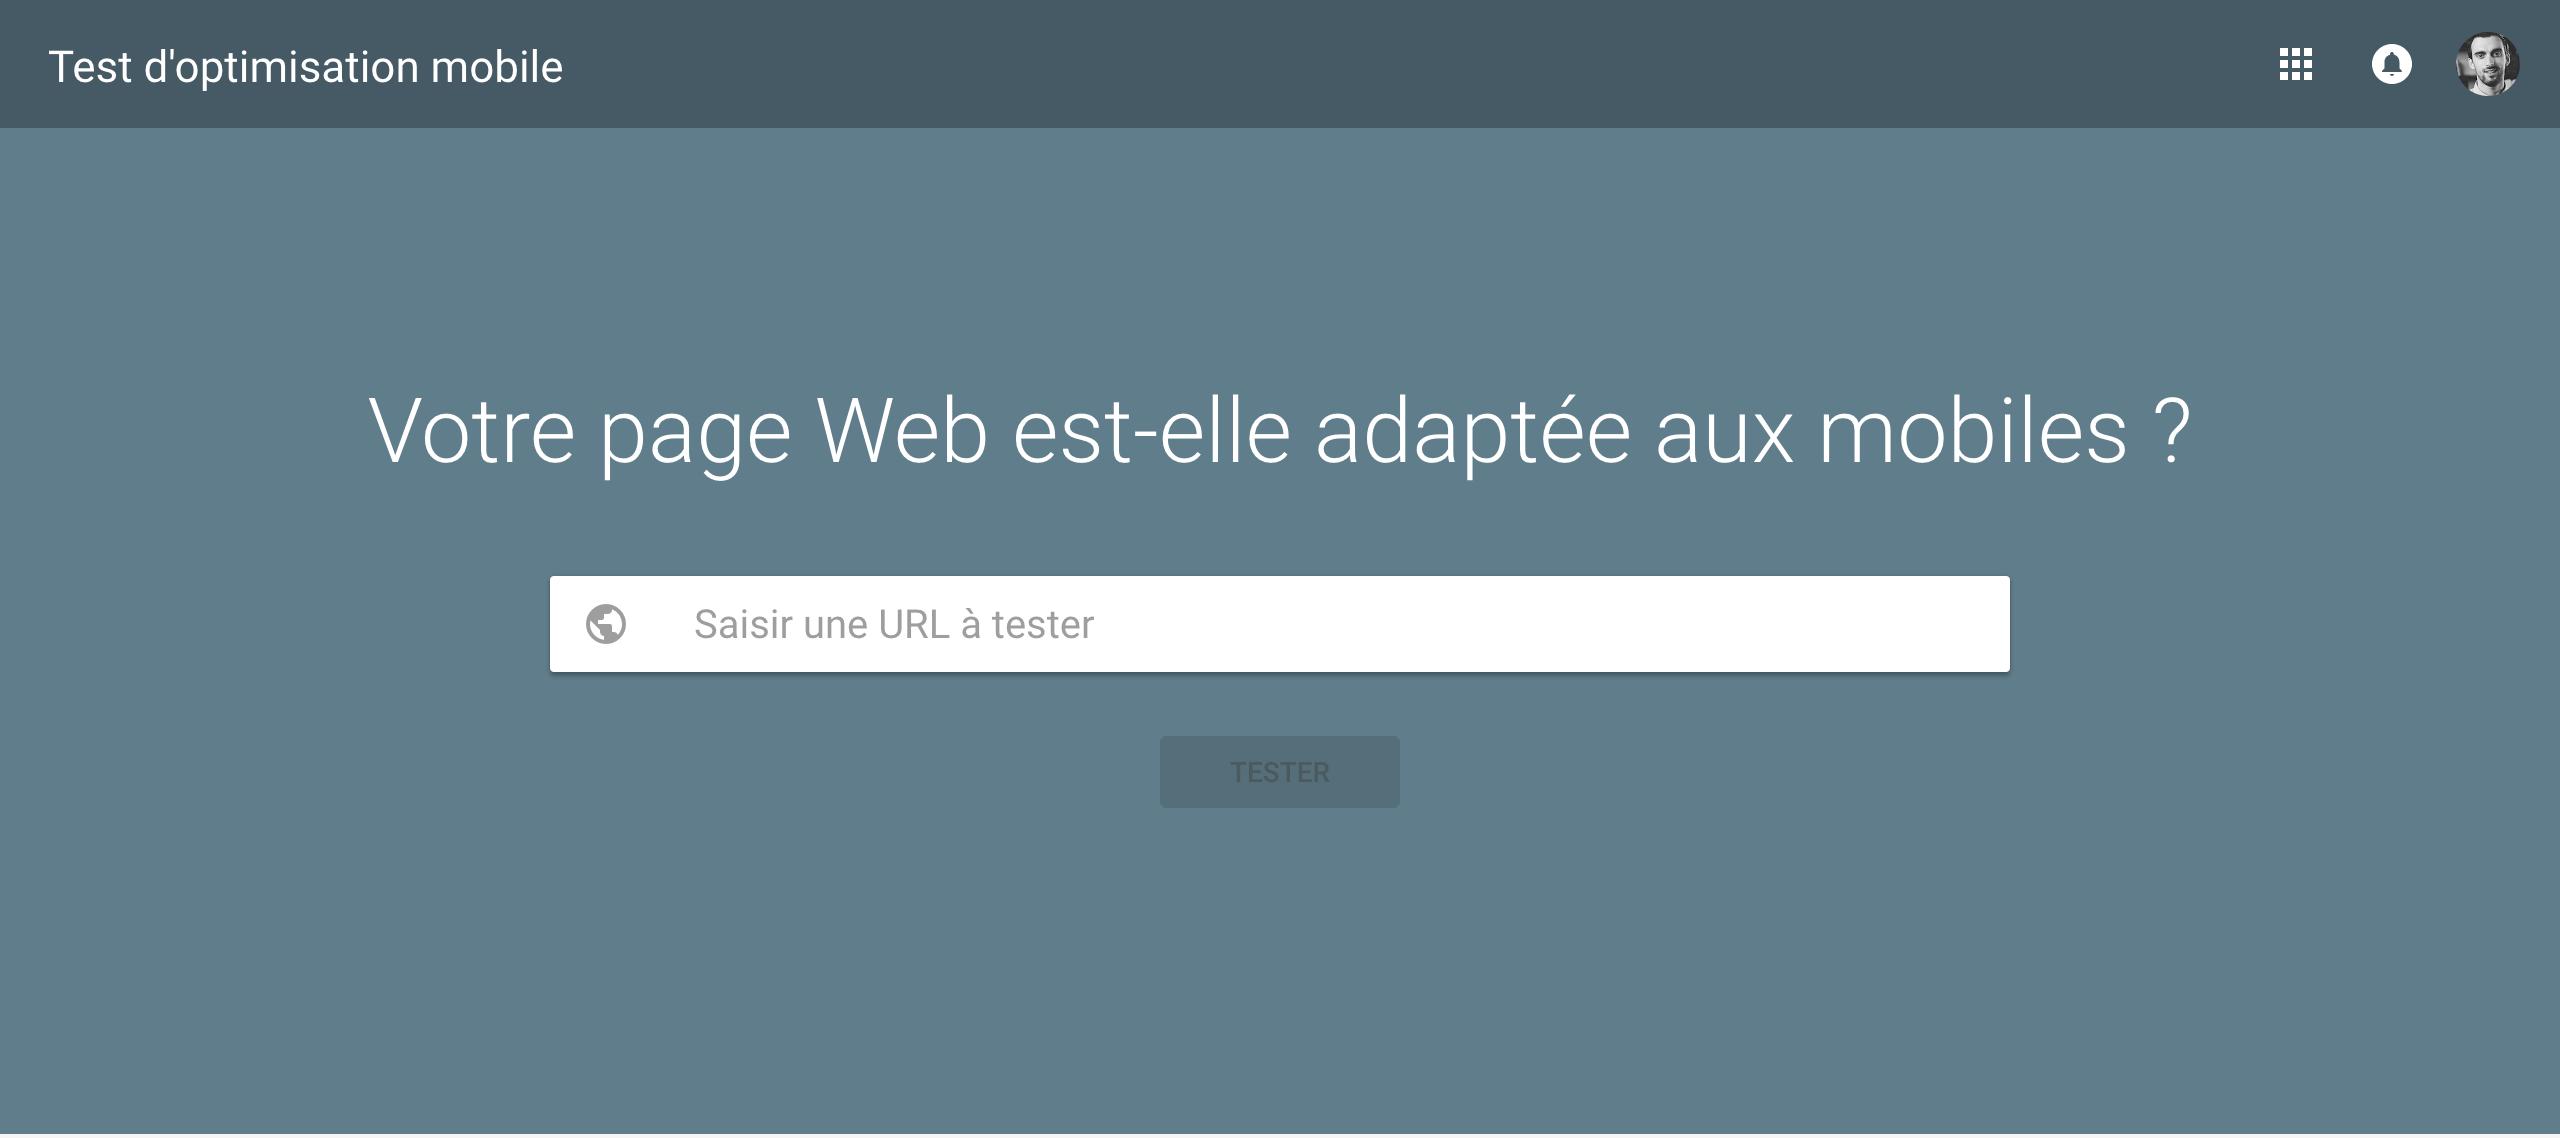 Test d'optimisation mobile de Google - site web adapté au mobile